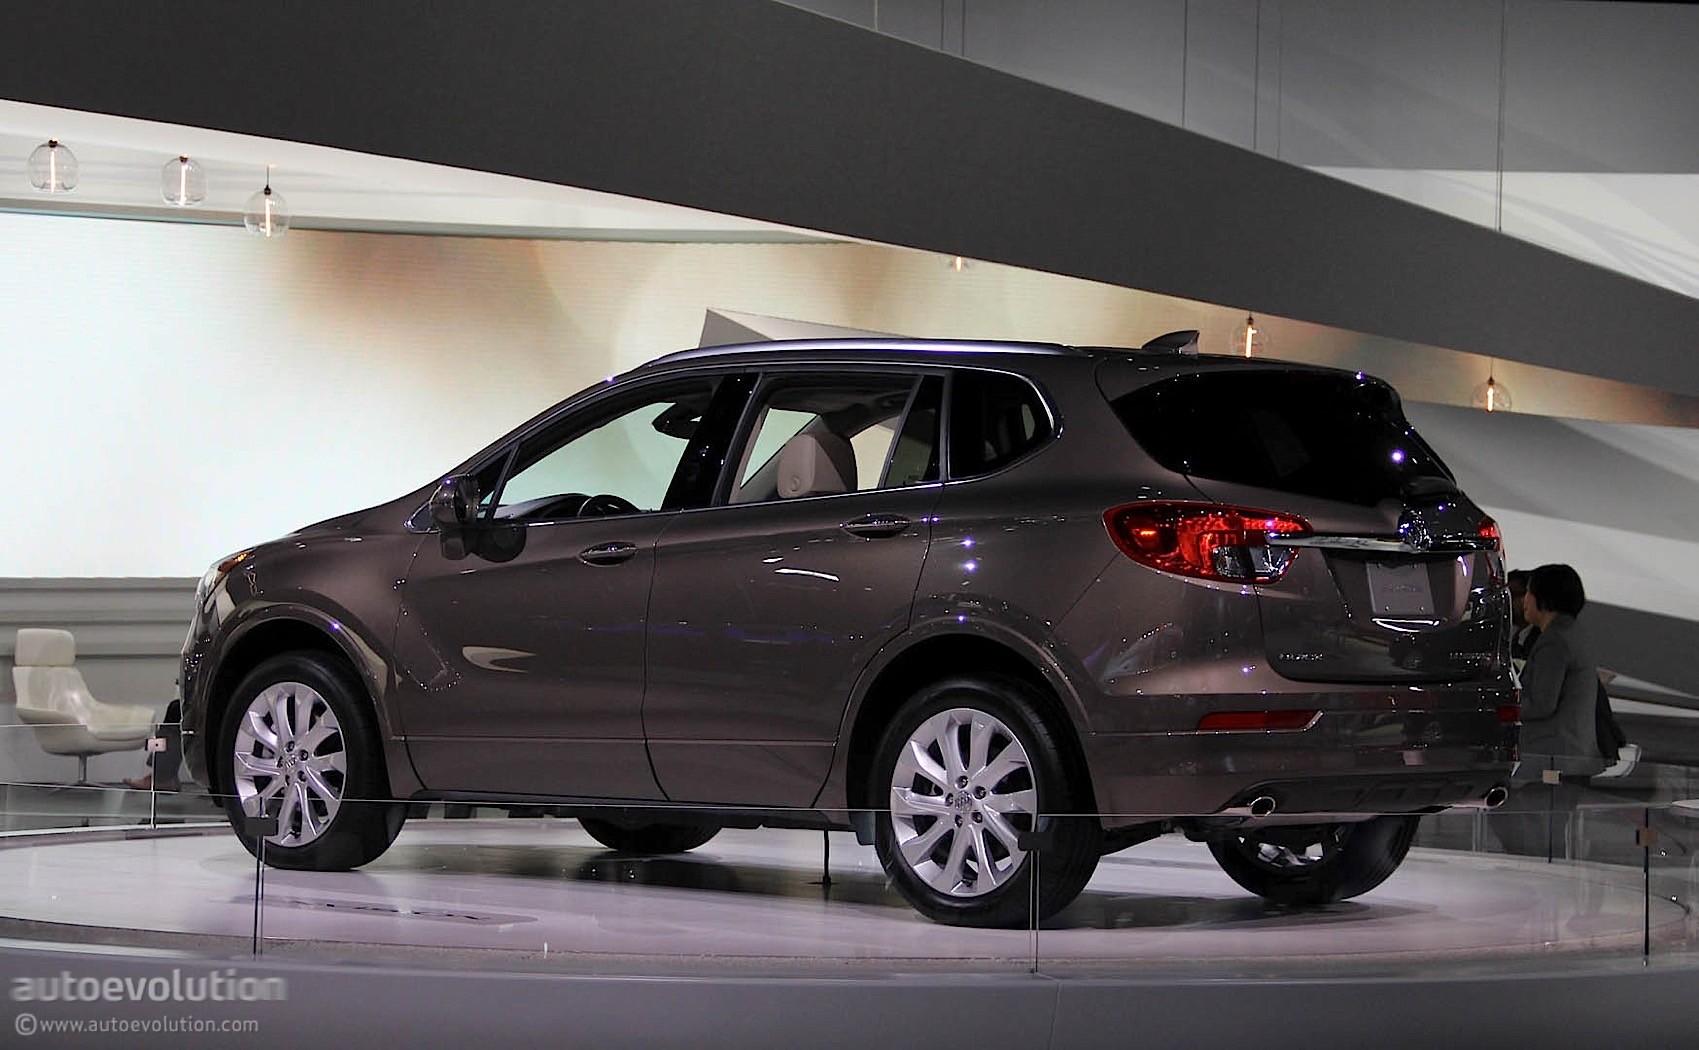 2016 Buick Envision Lands at the Detroit Auto Show - autoevolution